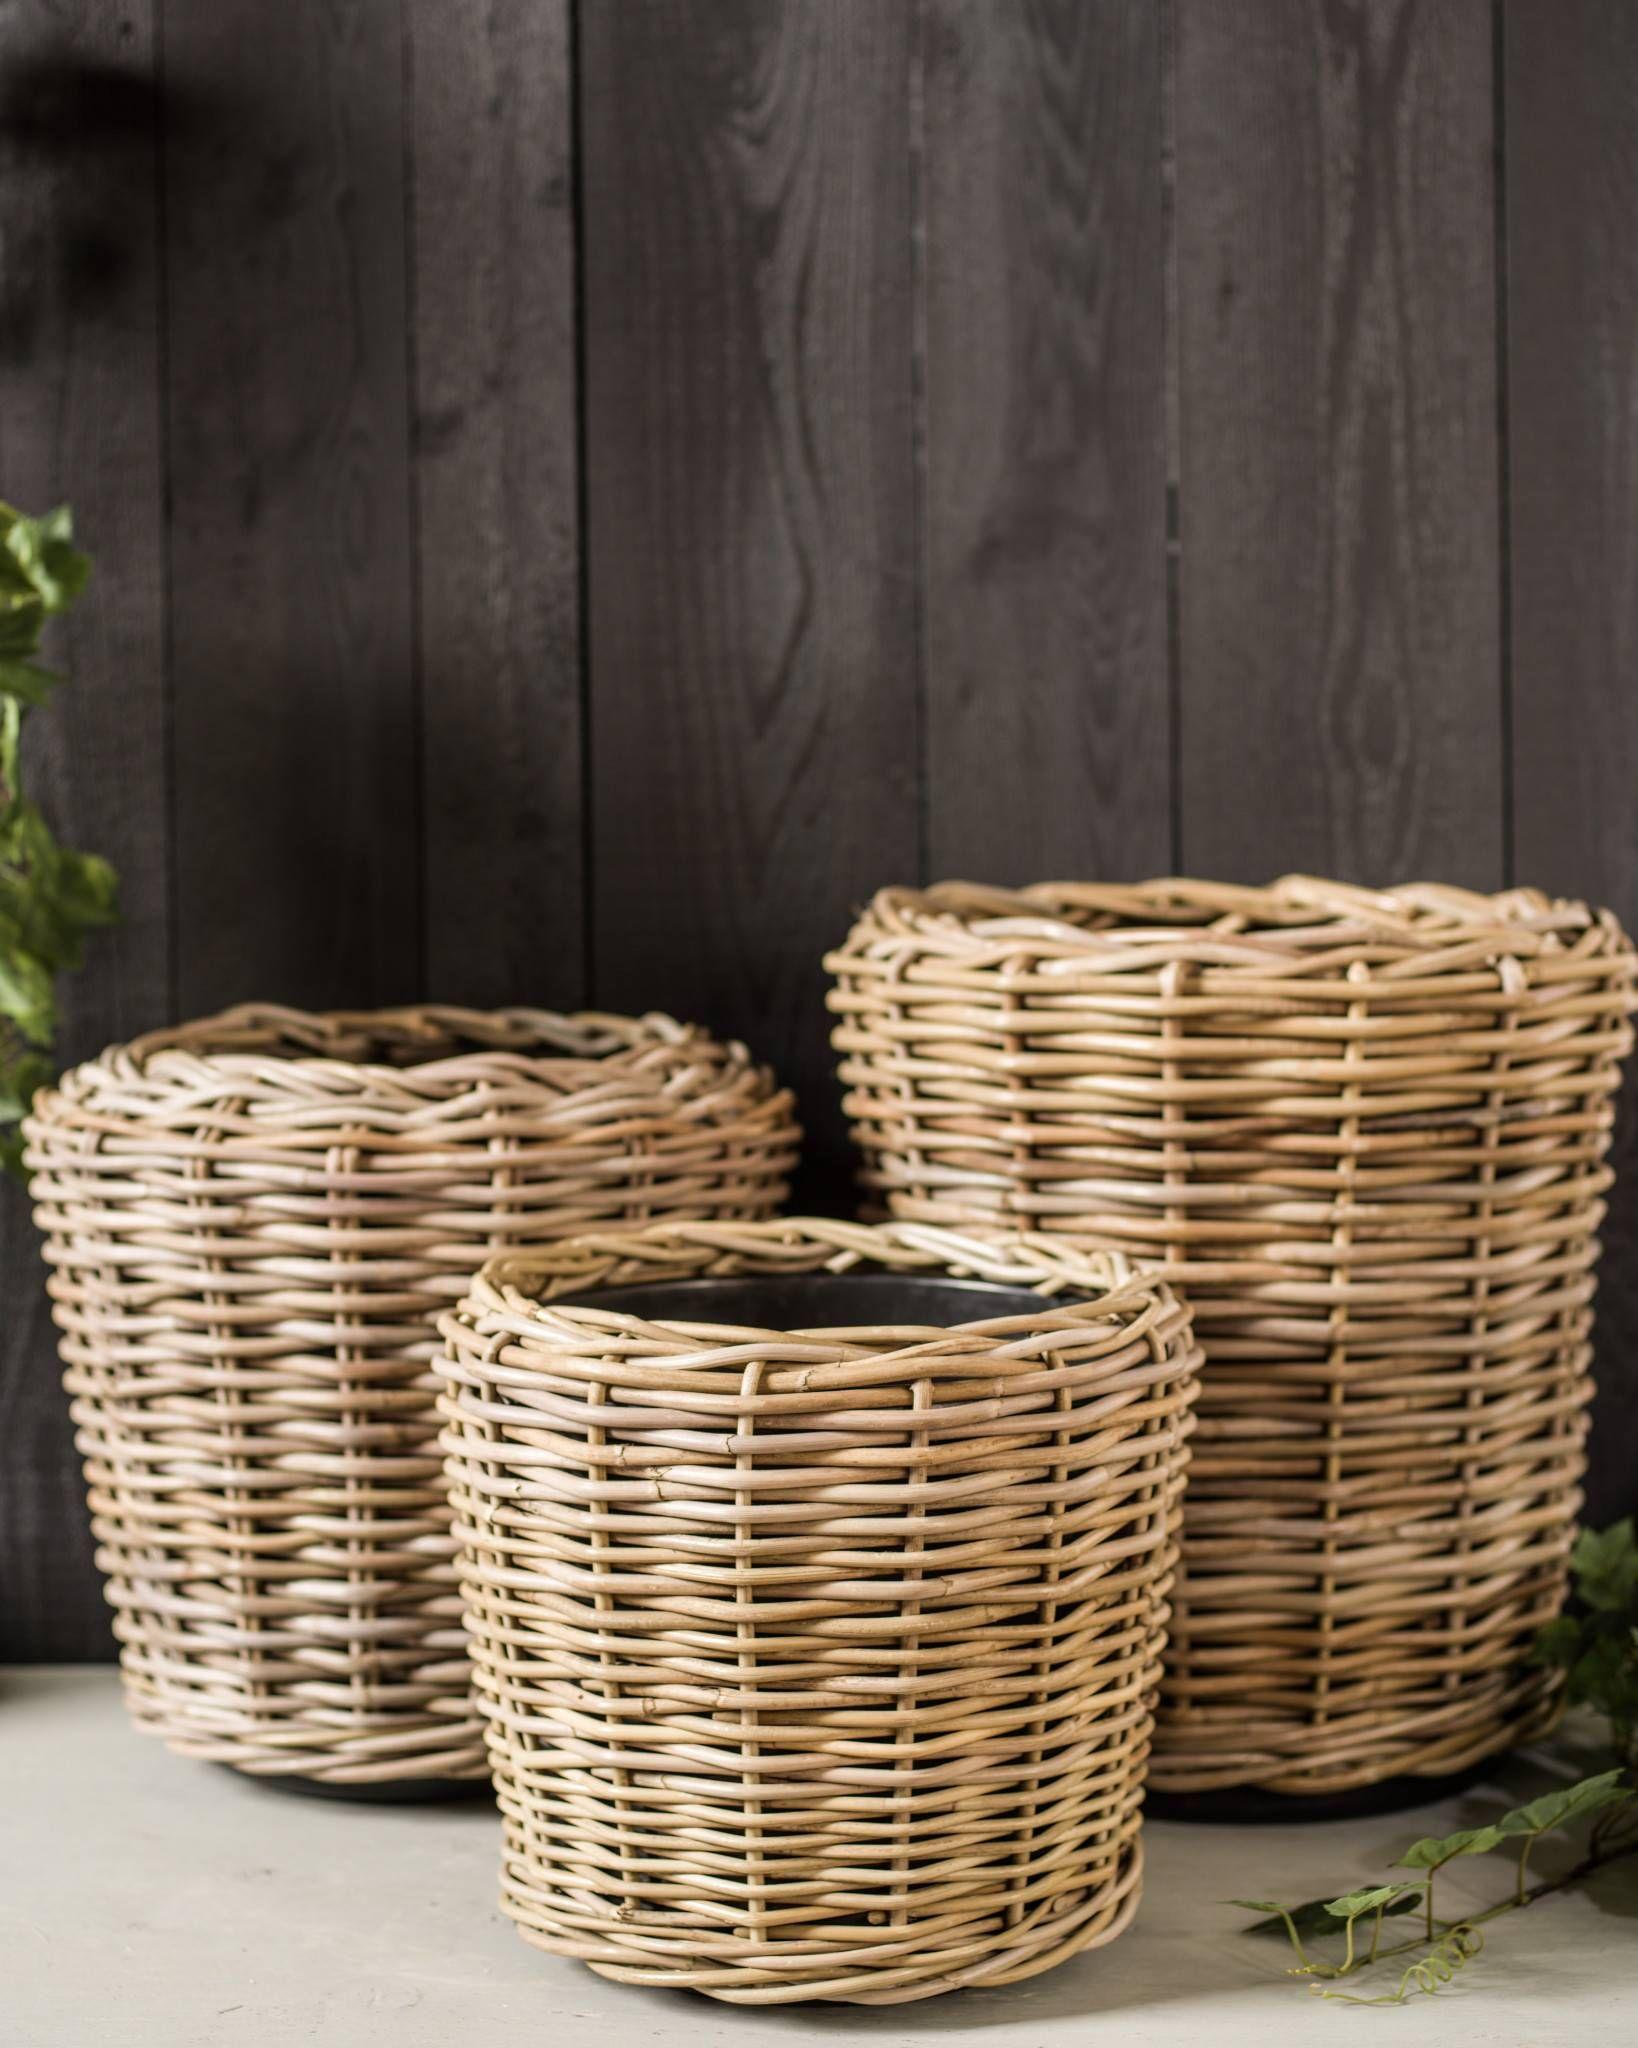 Outdoor Rattan Basket Planter Balsam Hill Basket Planters Rattan Basket Rattan Planters